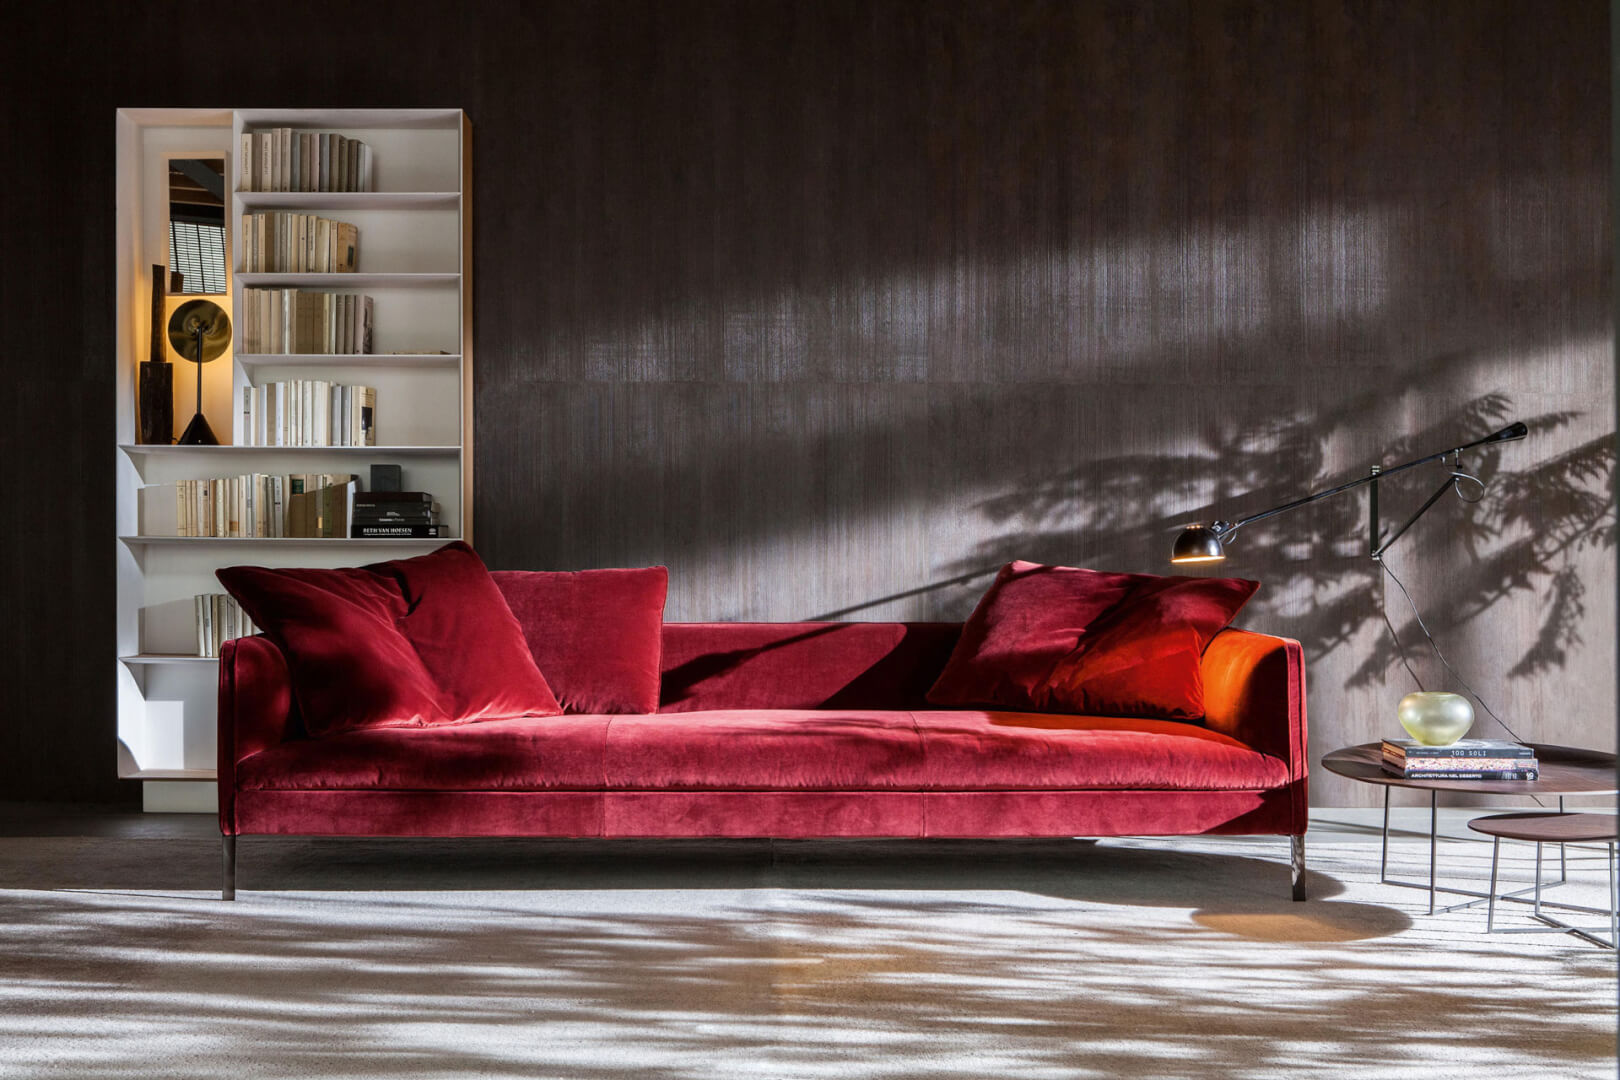 Sedute Paul - Devincenti negozio arredamento design Mantova